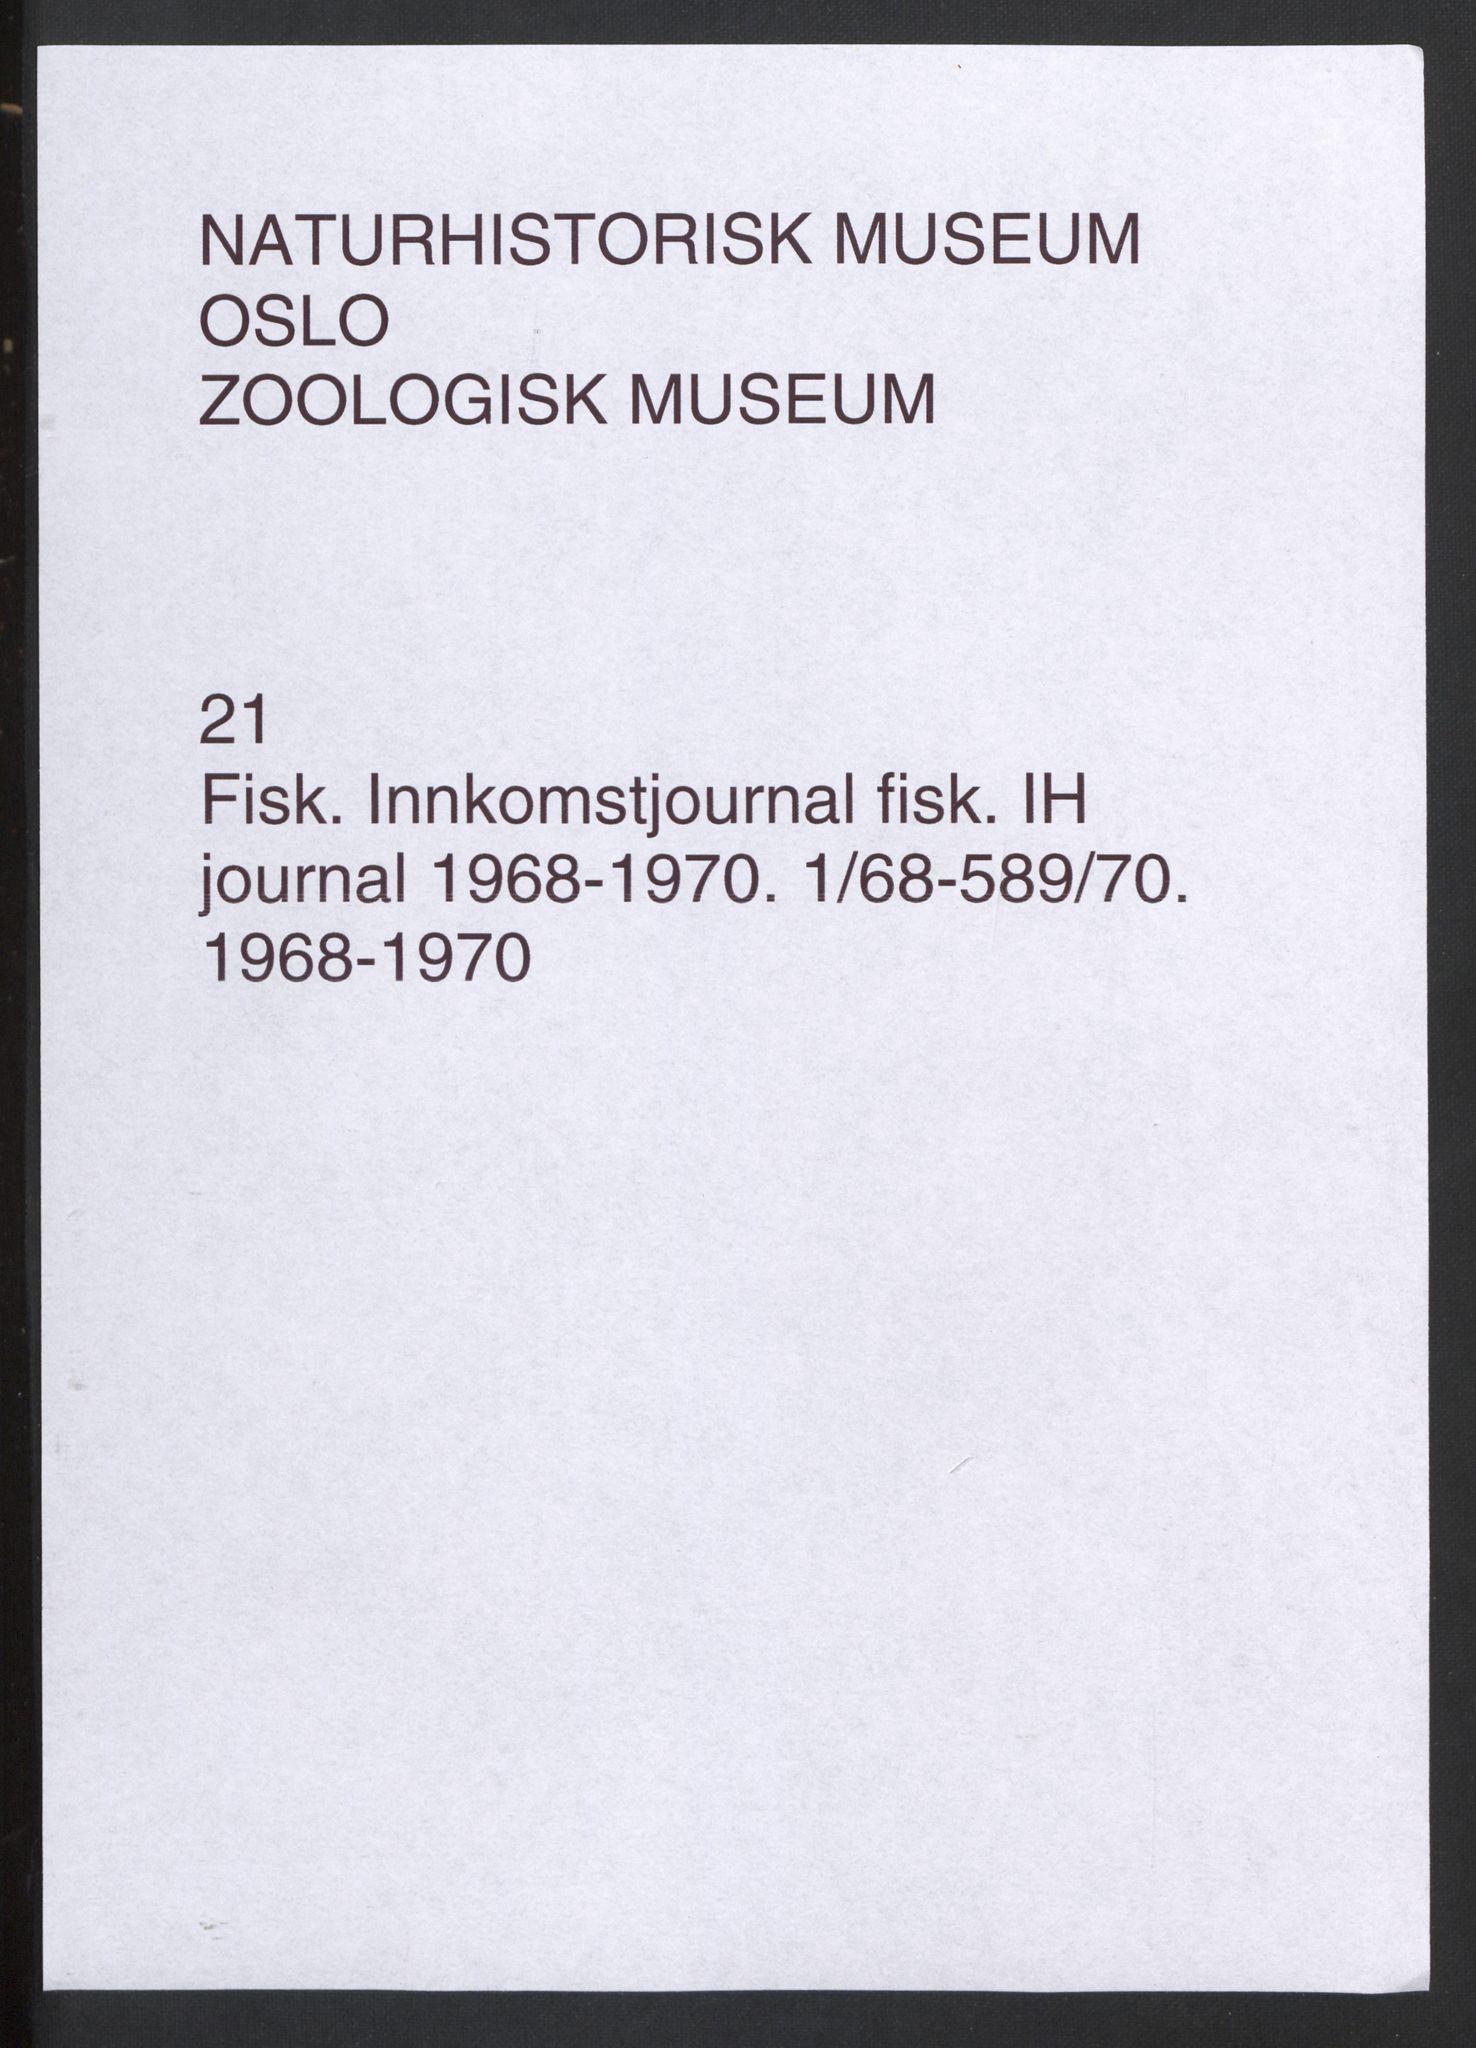 NHMO, Naturhistorisk museum (Oslo), 1: Fisk. Innkomstjournal. Fiskesamlingen (IH), 1968-1970., 1968-1970